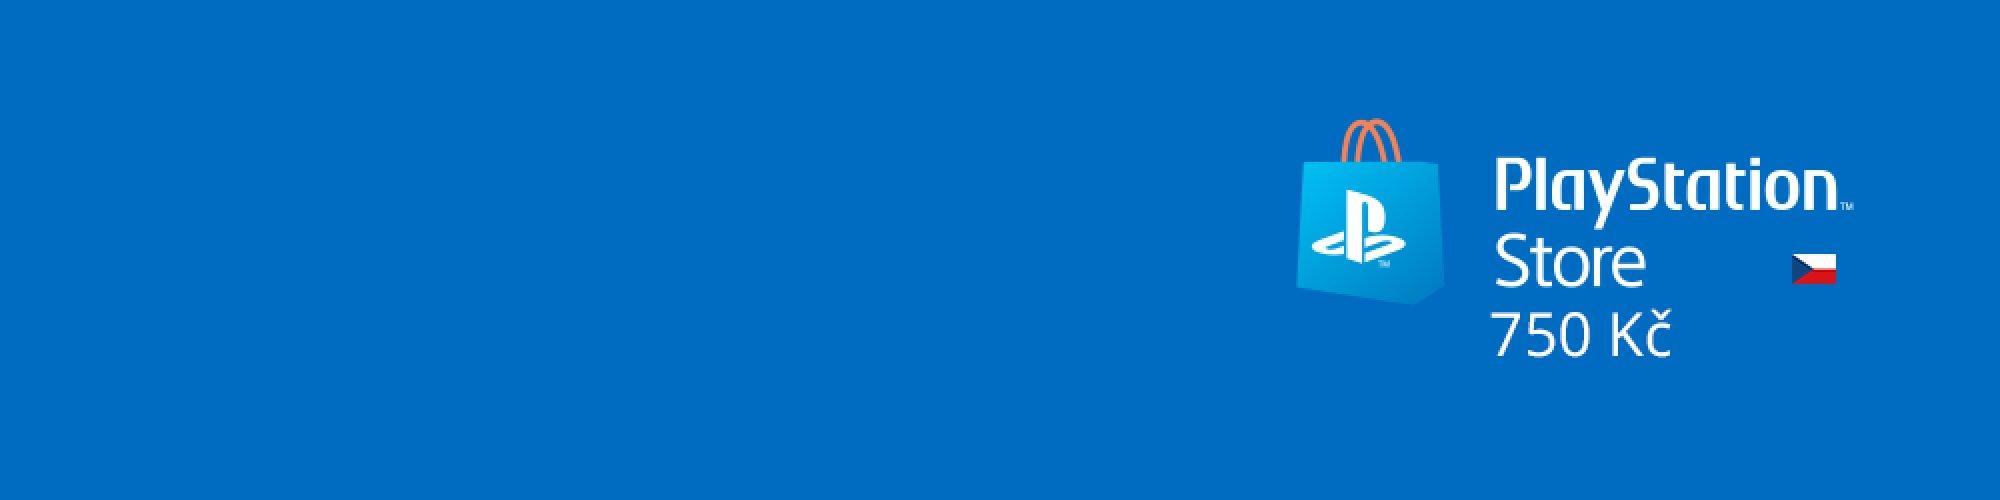 PlayStation Live Cards 750Kč banner